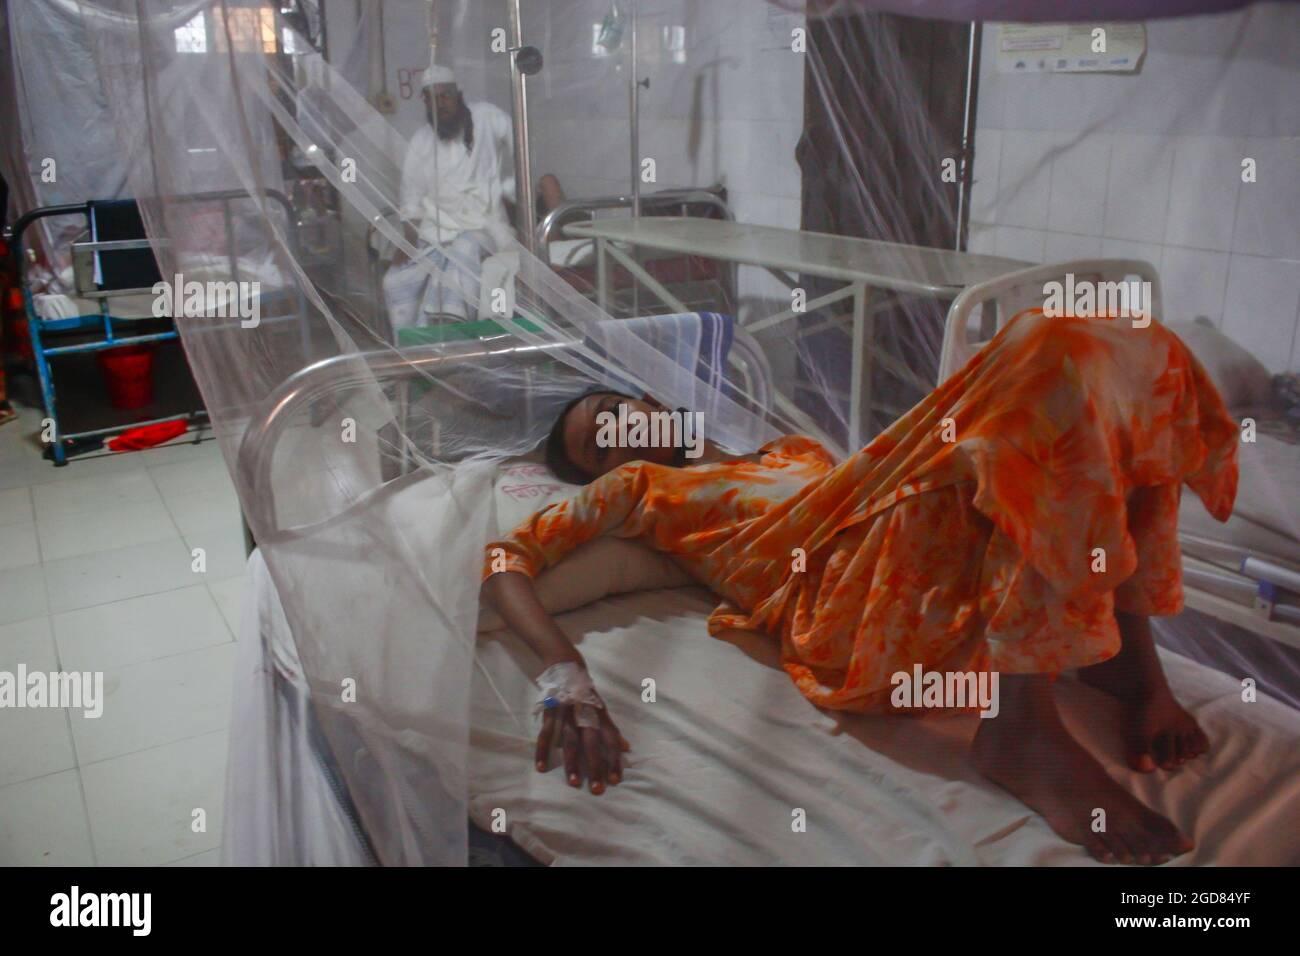 Dhaka, Bangladesch. August 2021. Dengue-Infektionen haben sich in Bangladesch zu einer Krise entwickelt, da in diesem Monat durchschnittlich 75 Fälle täglich gemeldet wurden. In diesem Moment versucht Bangladesch immer noch, mit der Covid-19-Pandemie zu überleben. Inzwischen sind die Symptome von Dengue und Covid-19 ziemlich ähnlich, was es schwierig macht, sie rechtzeitig zu diagnostizieren. (Foto von MD IBRAHIM/Pacific Press) Quelle: Pacific Press Media Production Corp./Alamy Live News Stockfoto